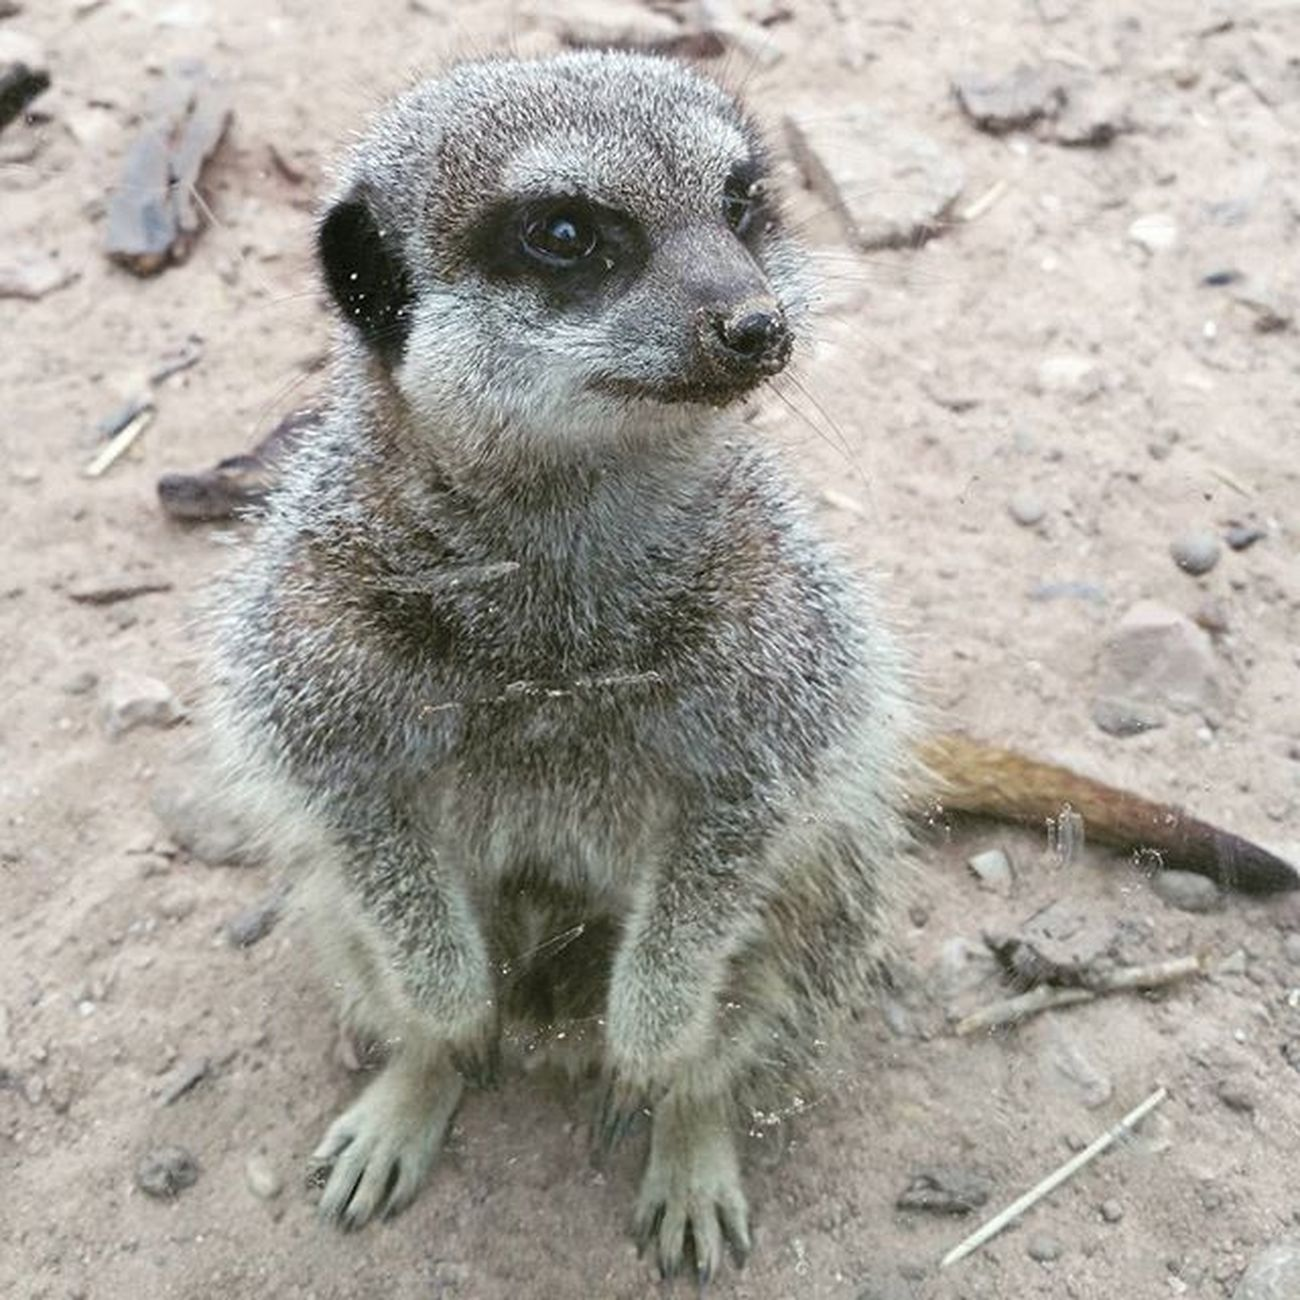 Twycrosszoo Twycross Zoo Meerkat Shimples Closeup